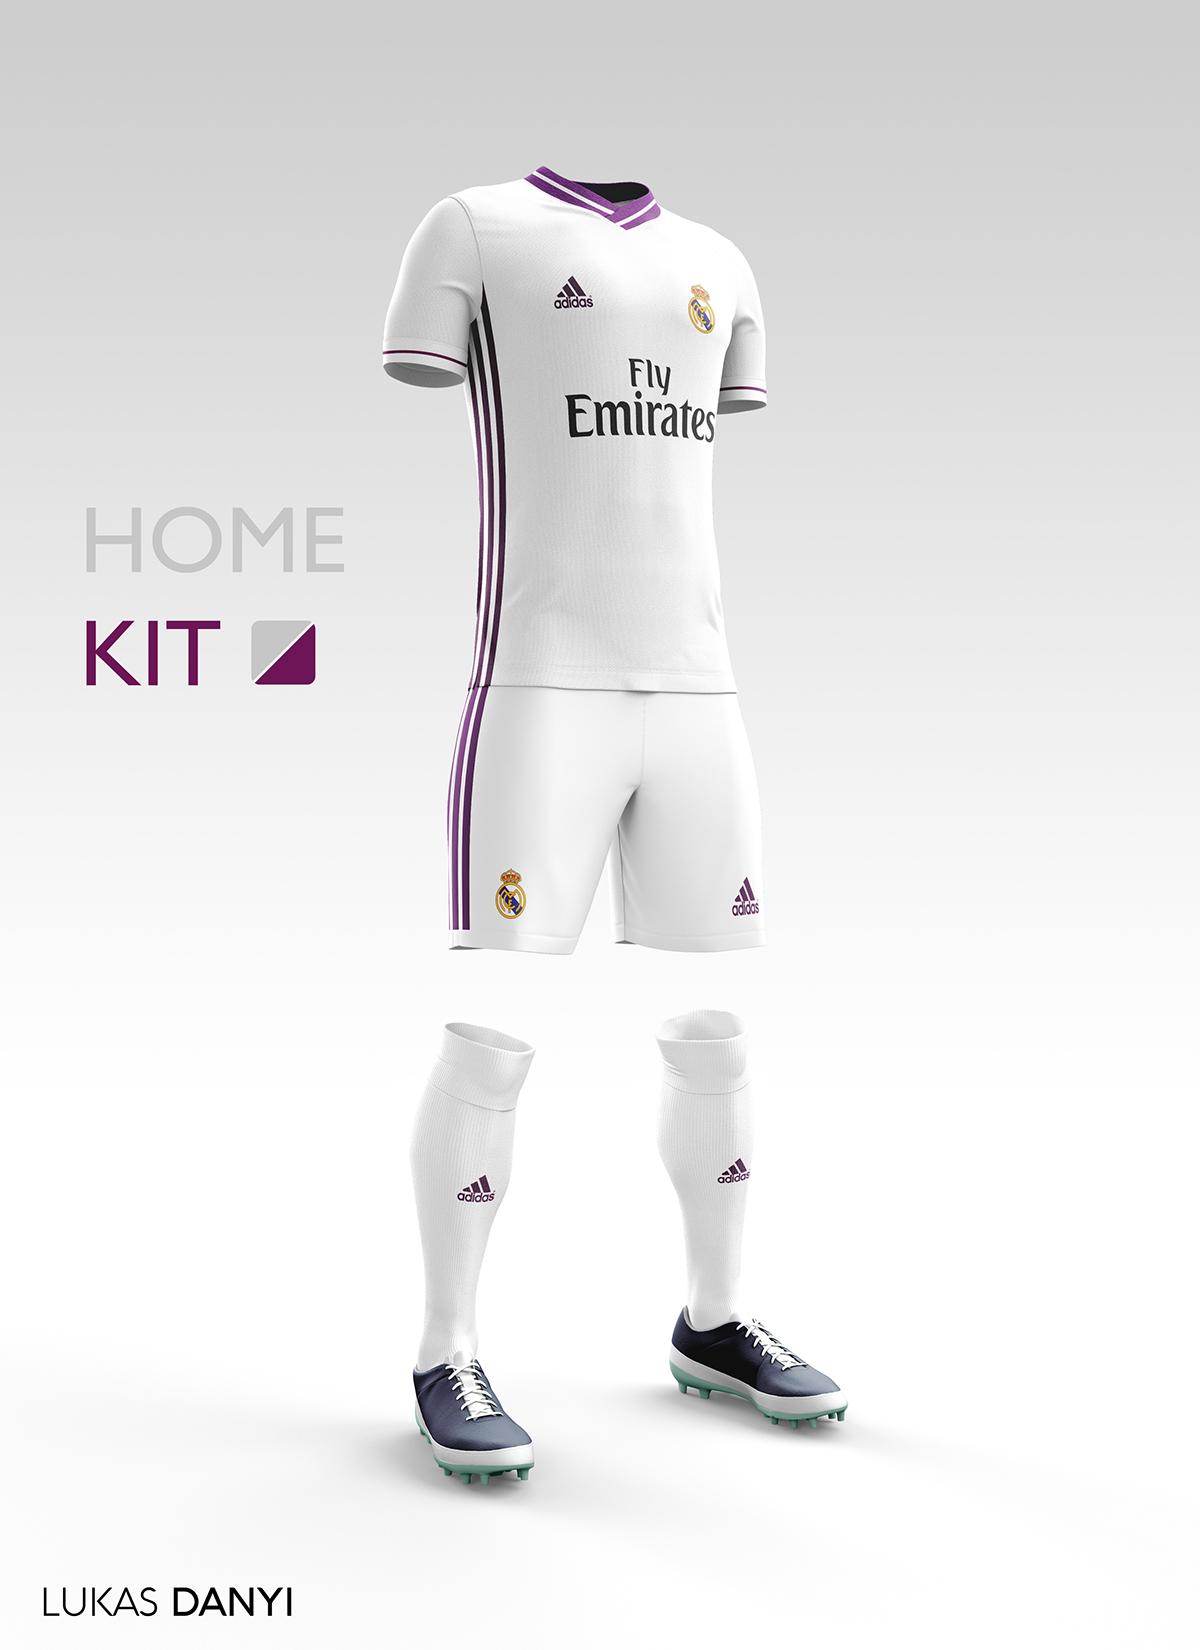 Real Madrid CF Football Kit 16/17  on Behance